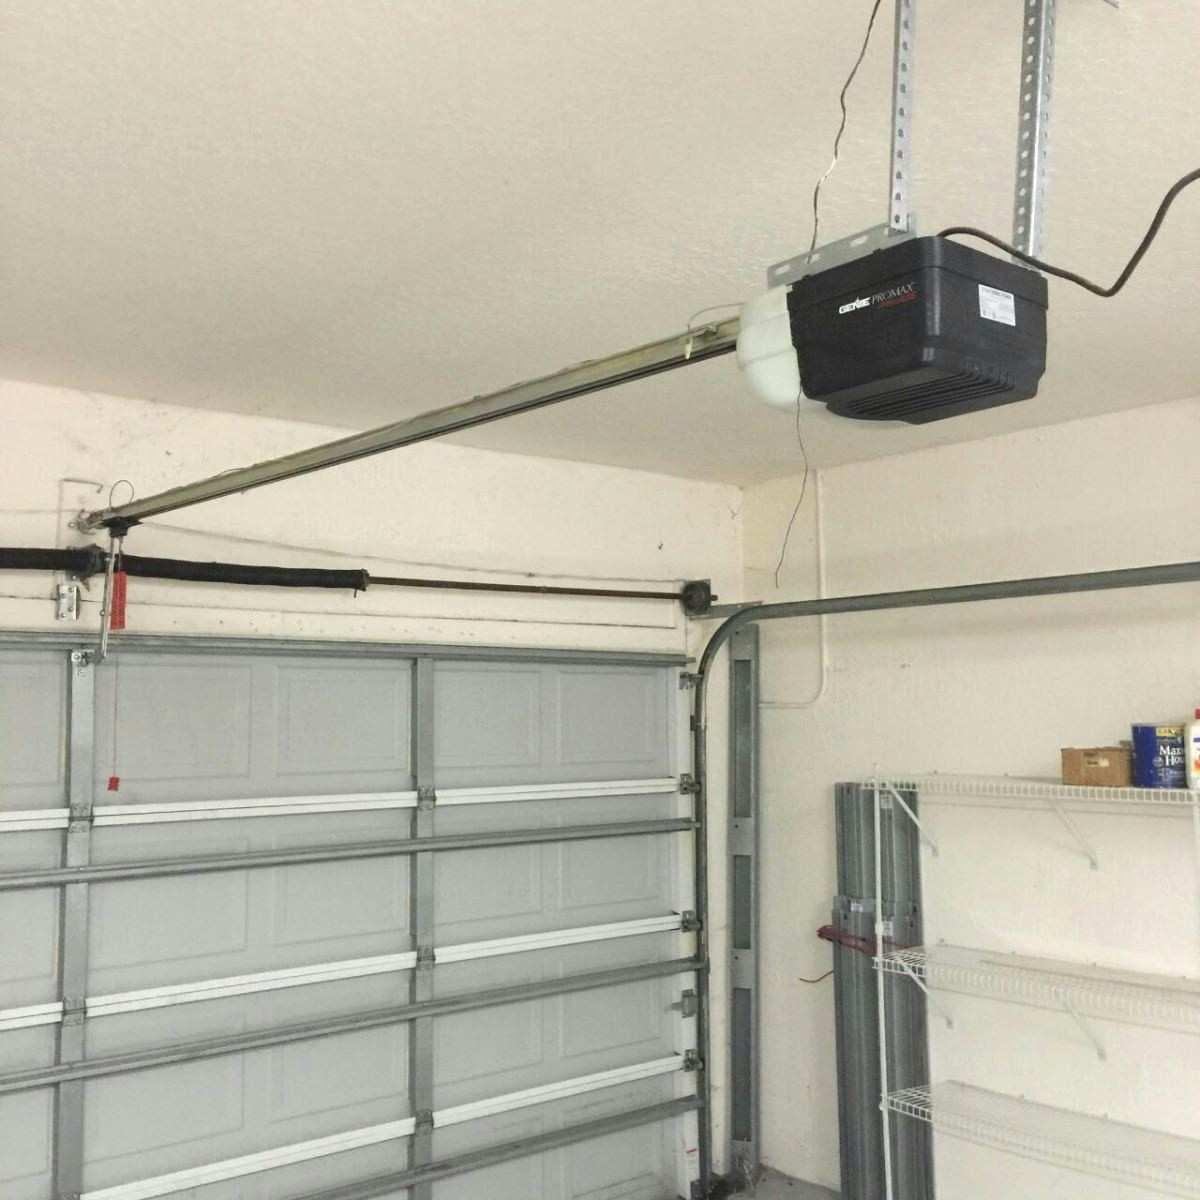 Garage Door Openers Repair Services In Philadelphia, PA And NJ